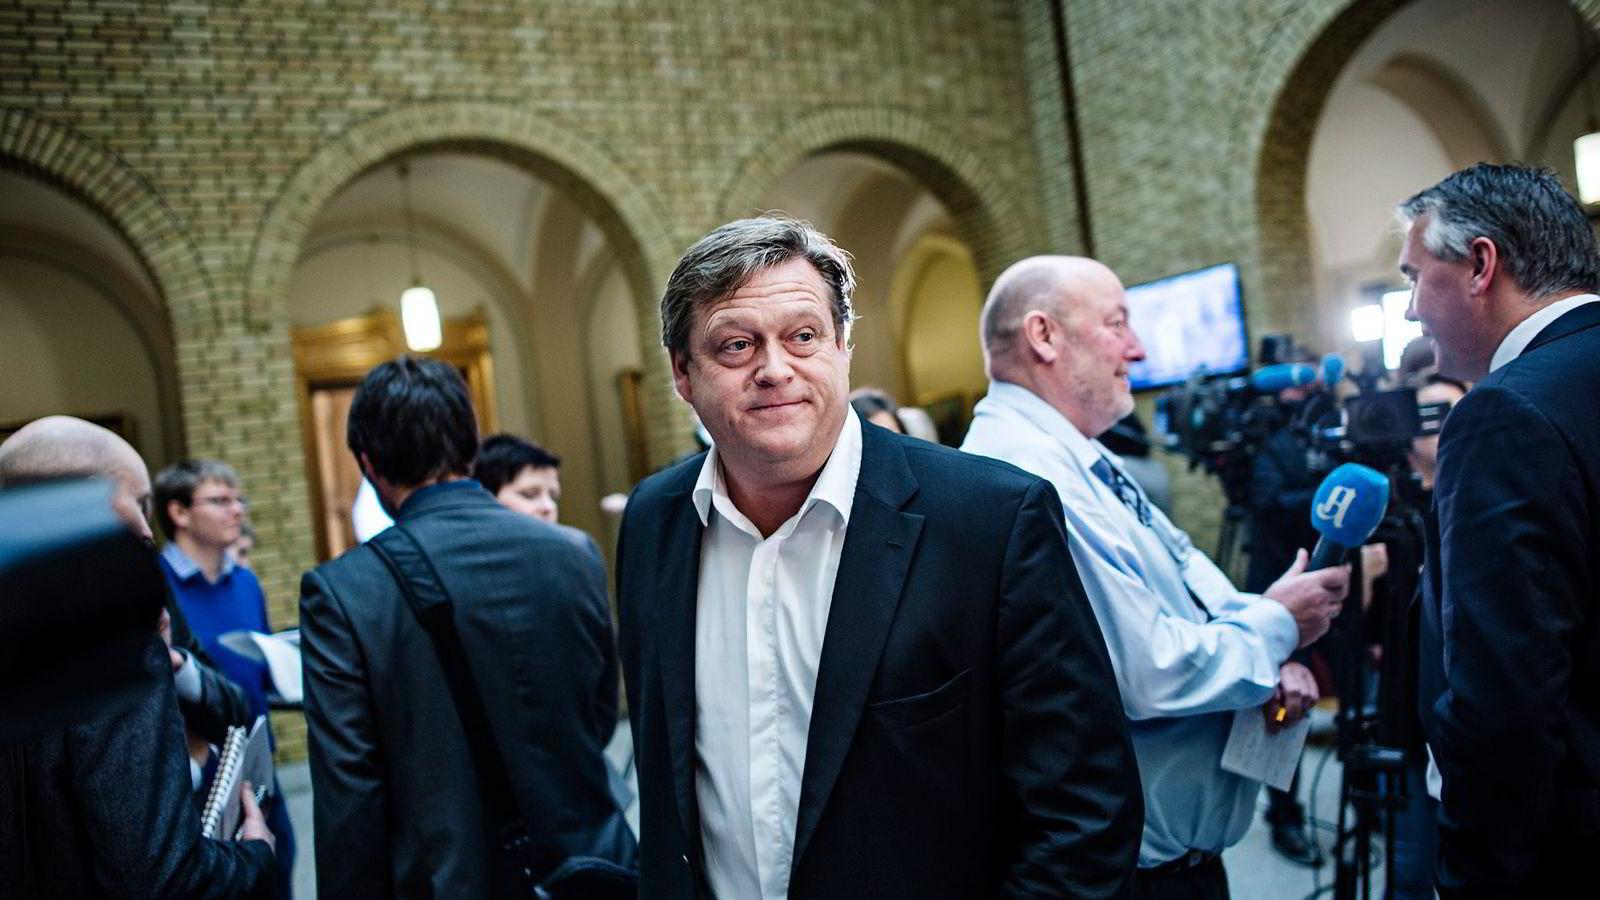 Rene Telenor-salg er ikke på tapetet nå, ifølge Frps Harald Tom Nesvik.